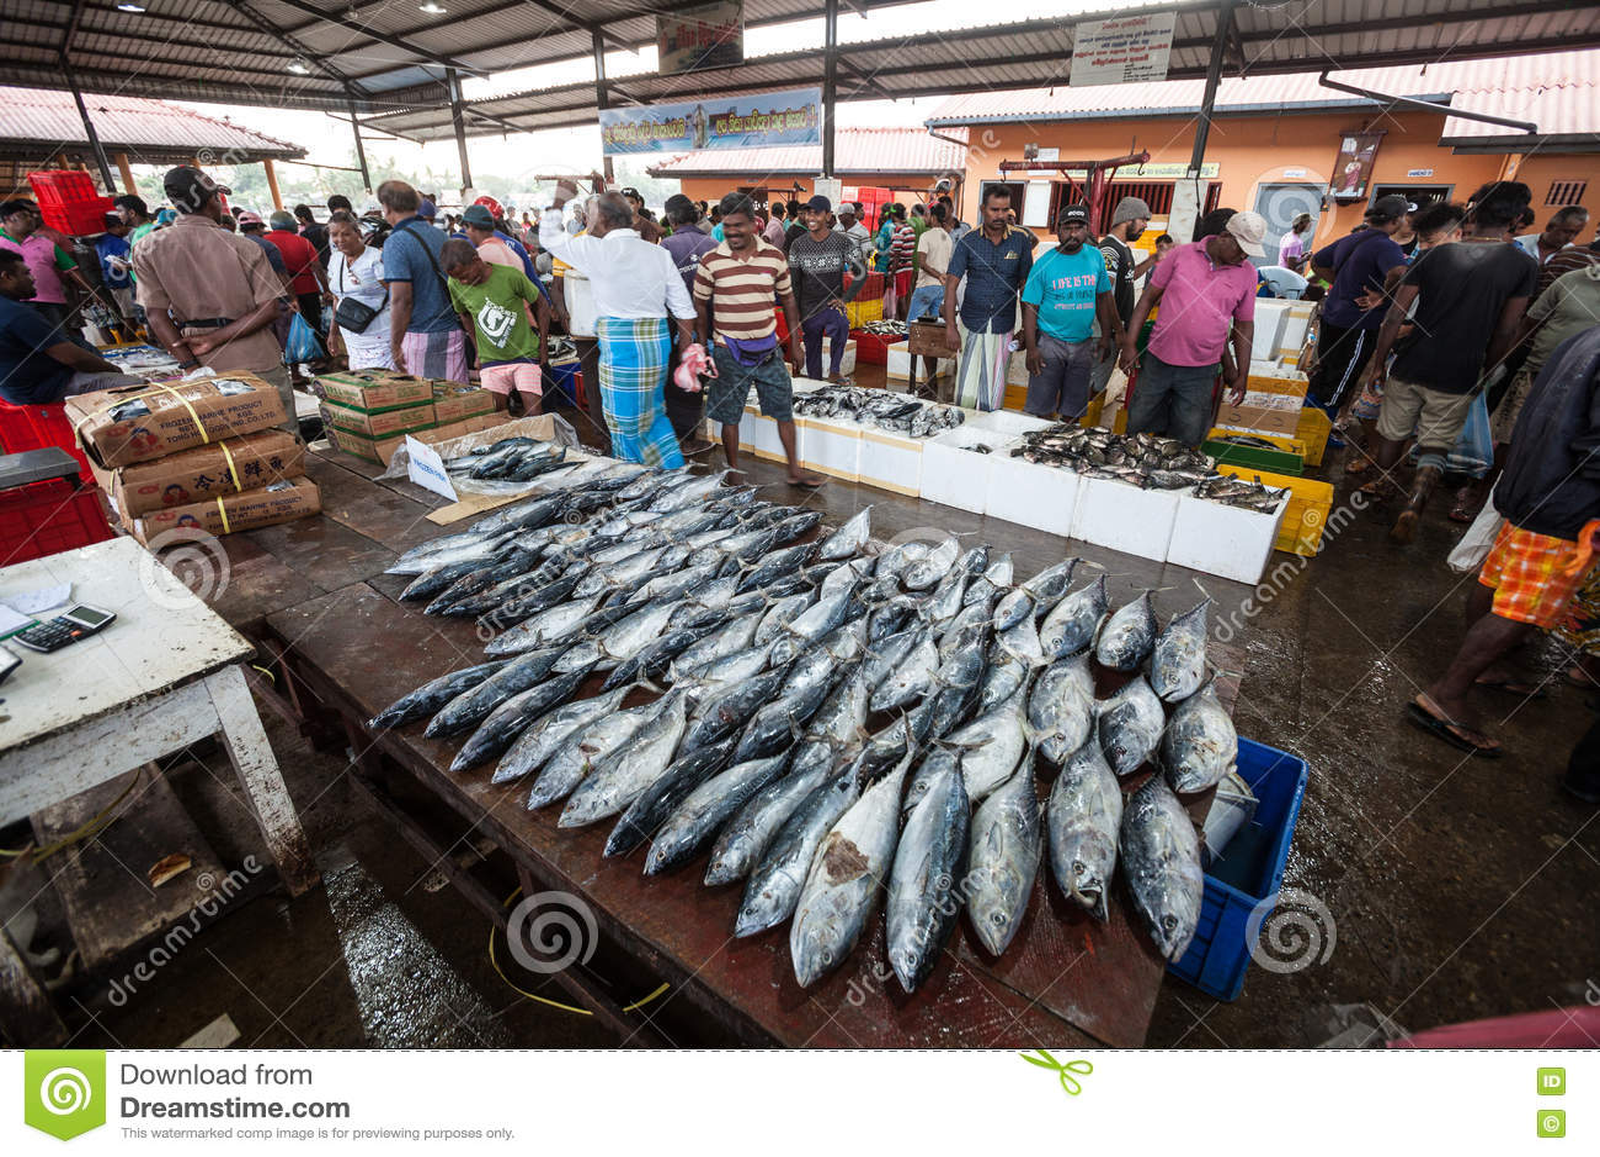 Fish market negombo sri lanka editorial stock photo for City fish market